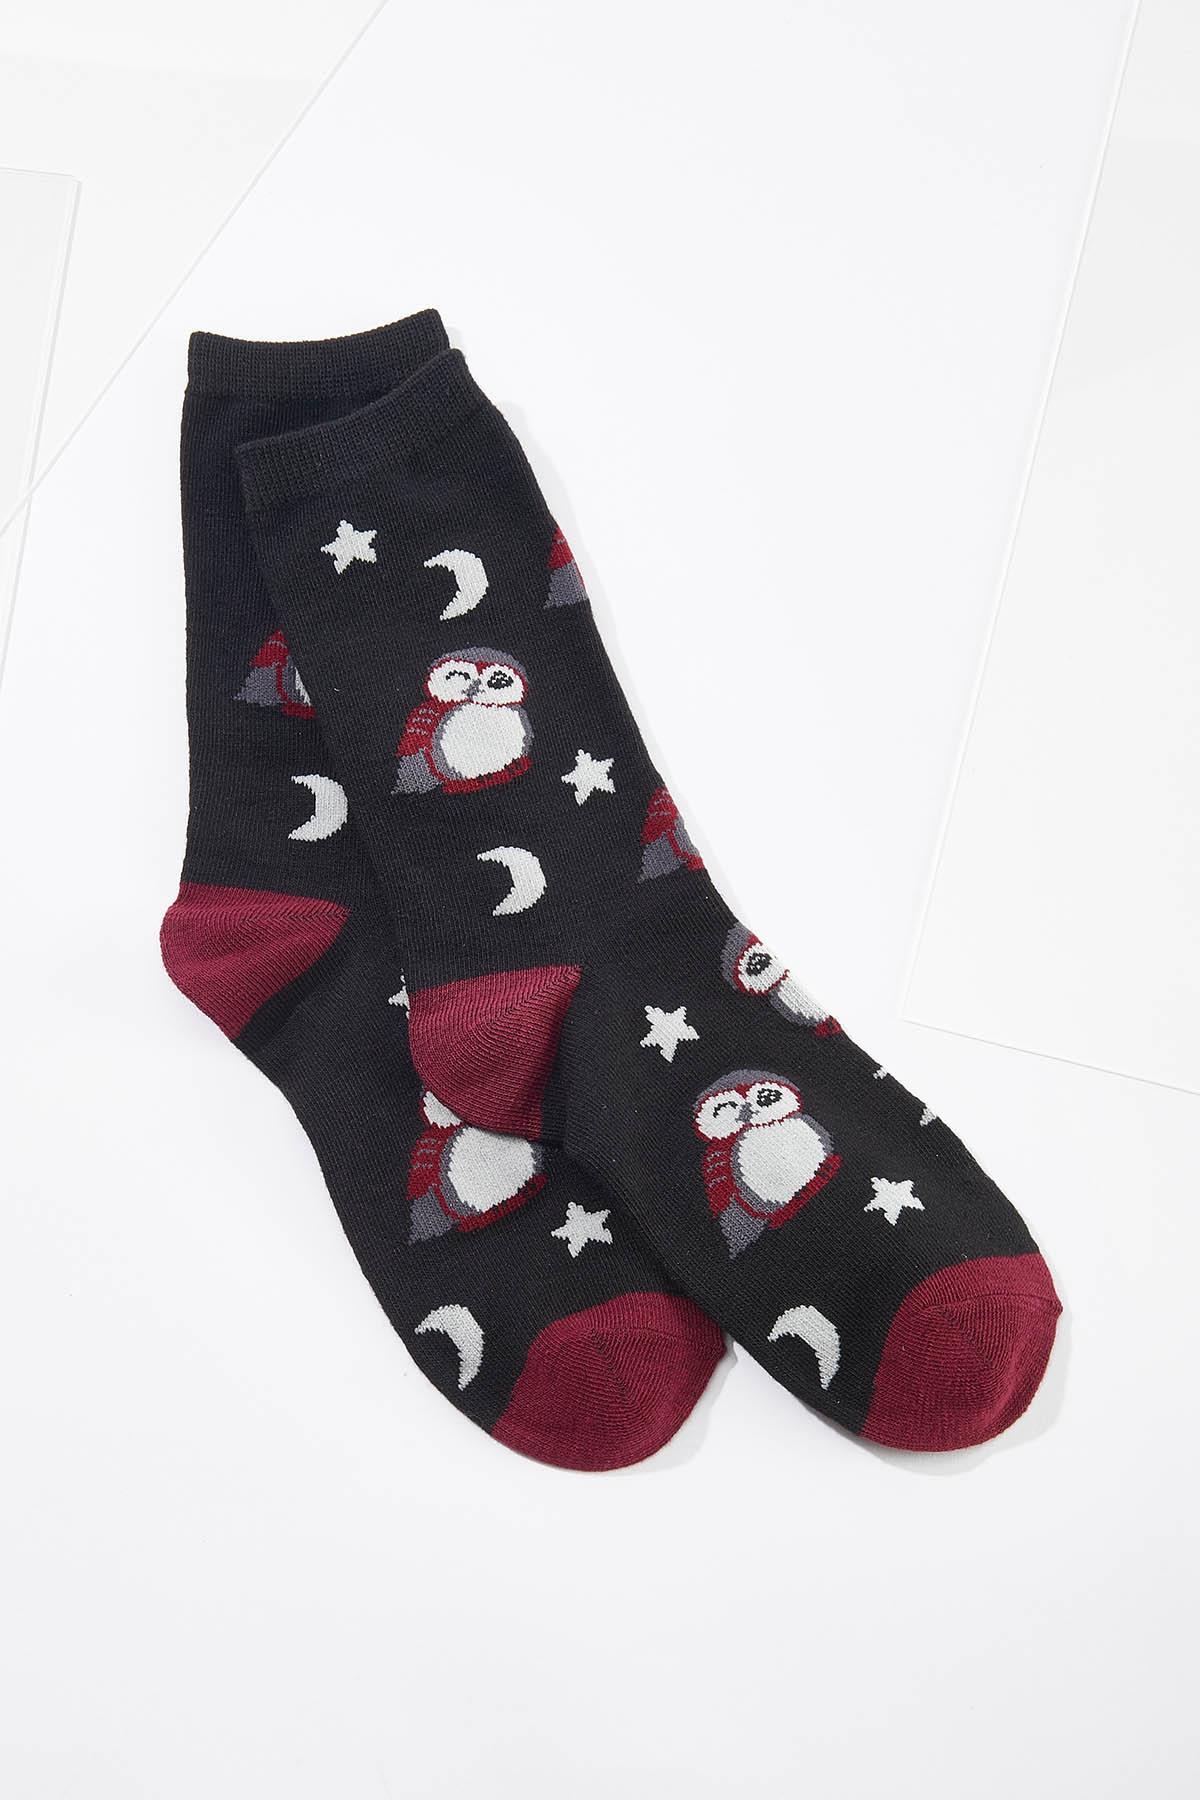 Moonlight Owl Socks